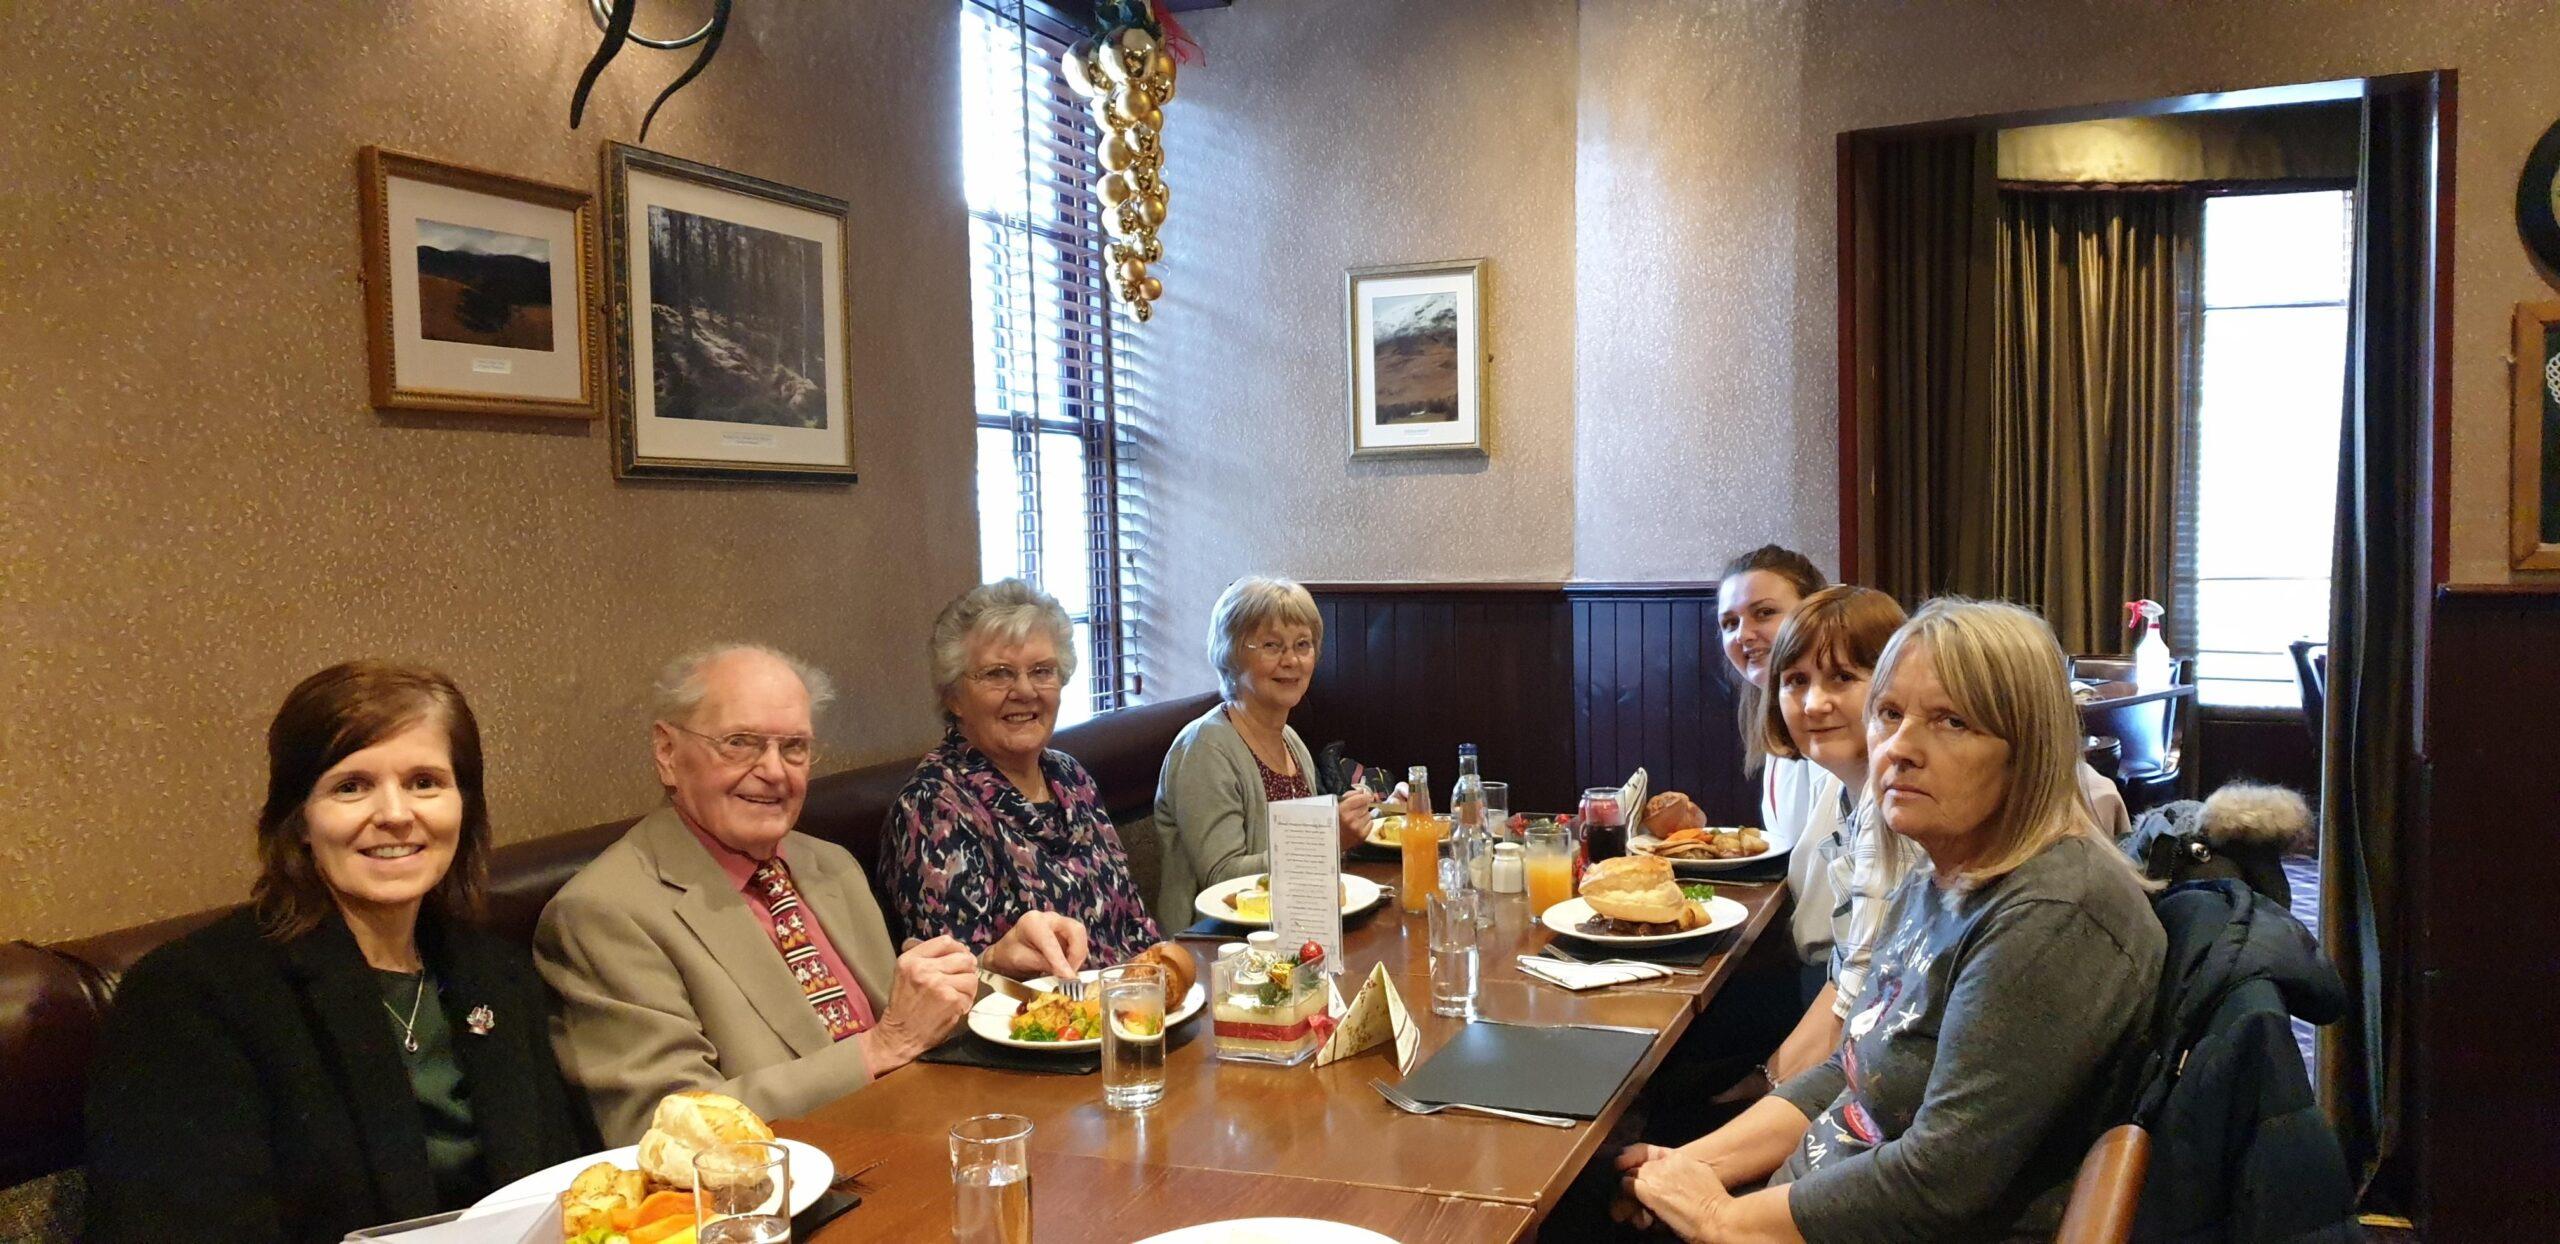 People enjoying a festive Xmas lunch